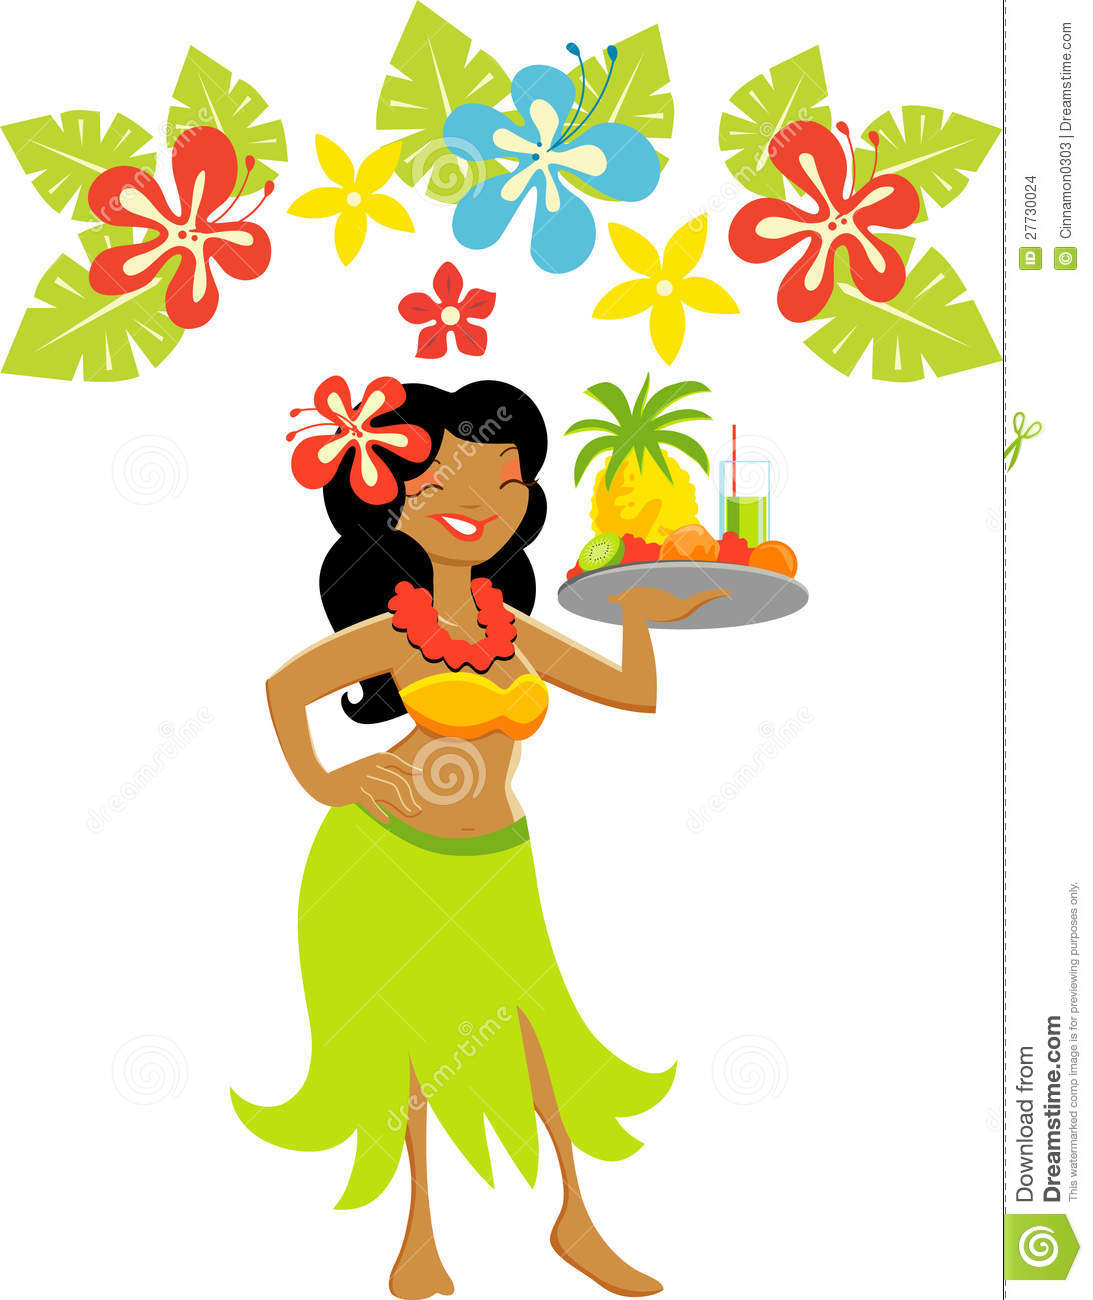 Hawaiian Cartoon Clipart - Clipart Kid